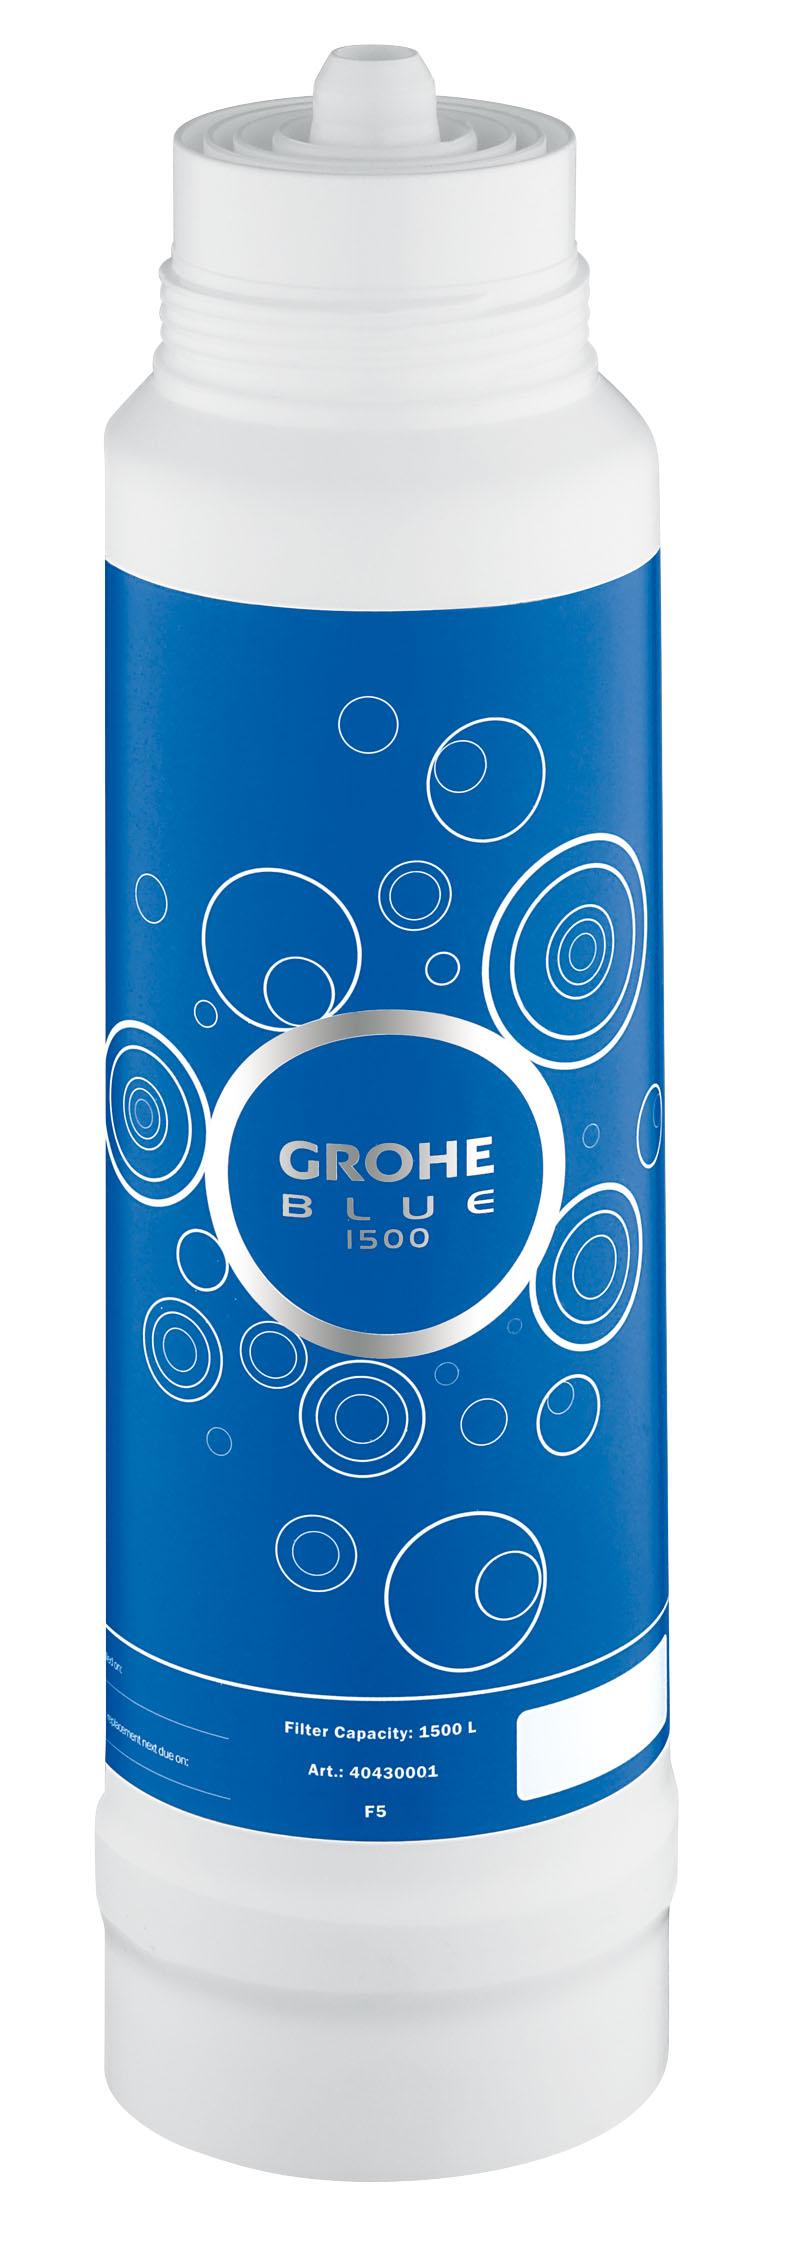 Фильтр сменный для водных систем Grohe Blue, 1500 л. 4043000140430001GROHE Blue. Cовершенный вкус питьевой воды. Вода – это не только самый ценный ресурс на планете, но и основа существования всего живого. Основой репутации компаний GROHE и BWT – европейских лидеров сферы водопользования – являются принципы безопасности, гигиеничности и высочайшие стандарты качества. Объединив свои наработки и опыт, мы создали принципиально новые системы подачи воды. Инновационные устройства серии GROHE Blue превращают водопроводную воду в чистейшую питьевую. Эту воду Вы будете с наслаждением использовать ежедневно. Фильтры GROHE Blue понижают содержание извести в водопроводной воде и превращают ее в приятную на вкус и пригодную для питья. Уникальная технология 5-ступенчатой фильтрации очищает воду от всех примесей, ухудшающих ее вкус и запах. В результате получается чистейшая вода – без тяжелых металлов, примесей, извести и хлора.Как работает фильтр GROHE Blue:1) Предварительная фильтрация - предварительная грубая очистка от частиц, попадающих в воду при ее прохождении через систему водоснабжения, удерживает крупные частицы; 2) Предварительная фильтрация на основе активированного угля - вторая ступень предварительной фильтрации, очищающая воду от источников неприятного запаха и вкуса (например, хлора); 3) Ионообменный фильтр - прохождение воды через высокопроизводительный ионообменник, понижающий содержание извести и тяжелых металлов. Смягчает воду, снижая карбонатную жесткость, и связывает ионы тяжелых металлов, таких как свинец и медь; 4) Фильтр из активированного угля - фильтрация на основе активированного угля устраняет неприятный вкус, придаваемый воде хлором и органическими примесями; 5) Фильтр тонкой очистки - удерживает частицы величиной до 10 микрон.Комплект поставки:BWT фильтр для GROHEBlue Объем 1500 л Для использования с головкой фильтра GROHE Blue 64 508 001 Видео по установке является исключительно информационным. Установка должна проводиться профессионалами!